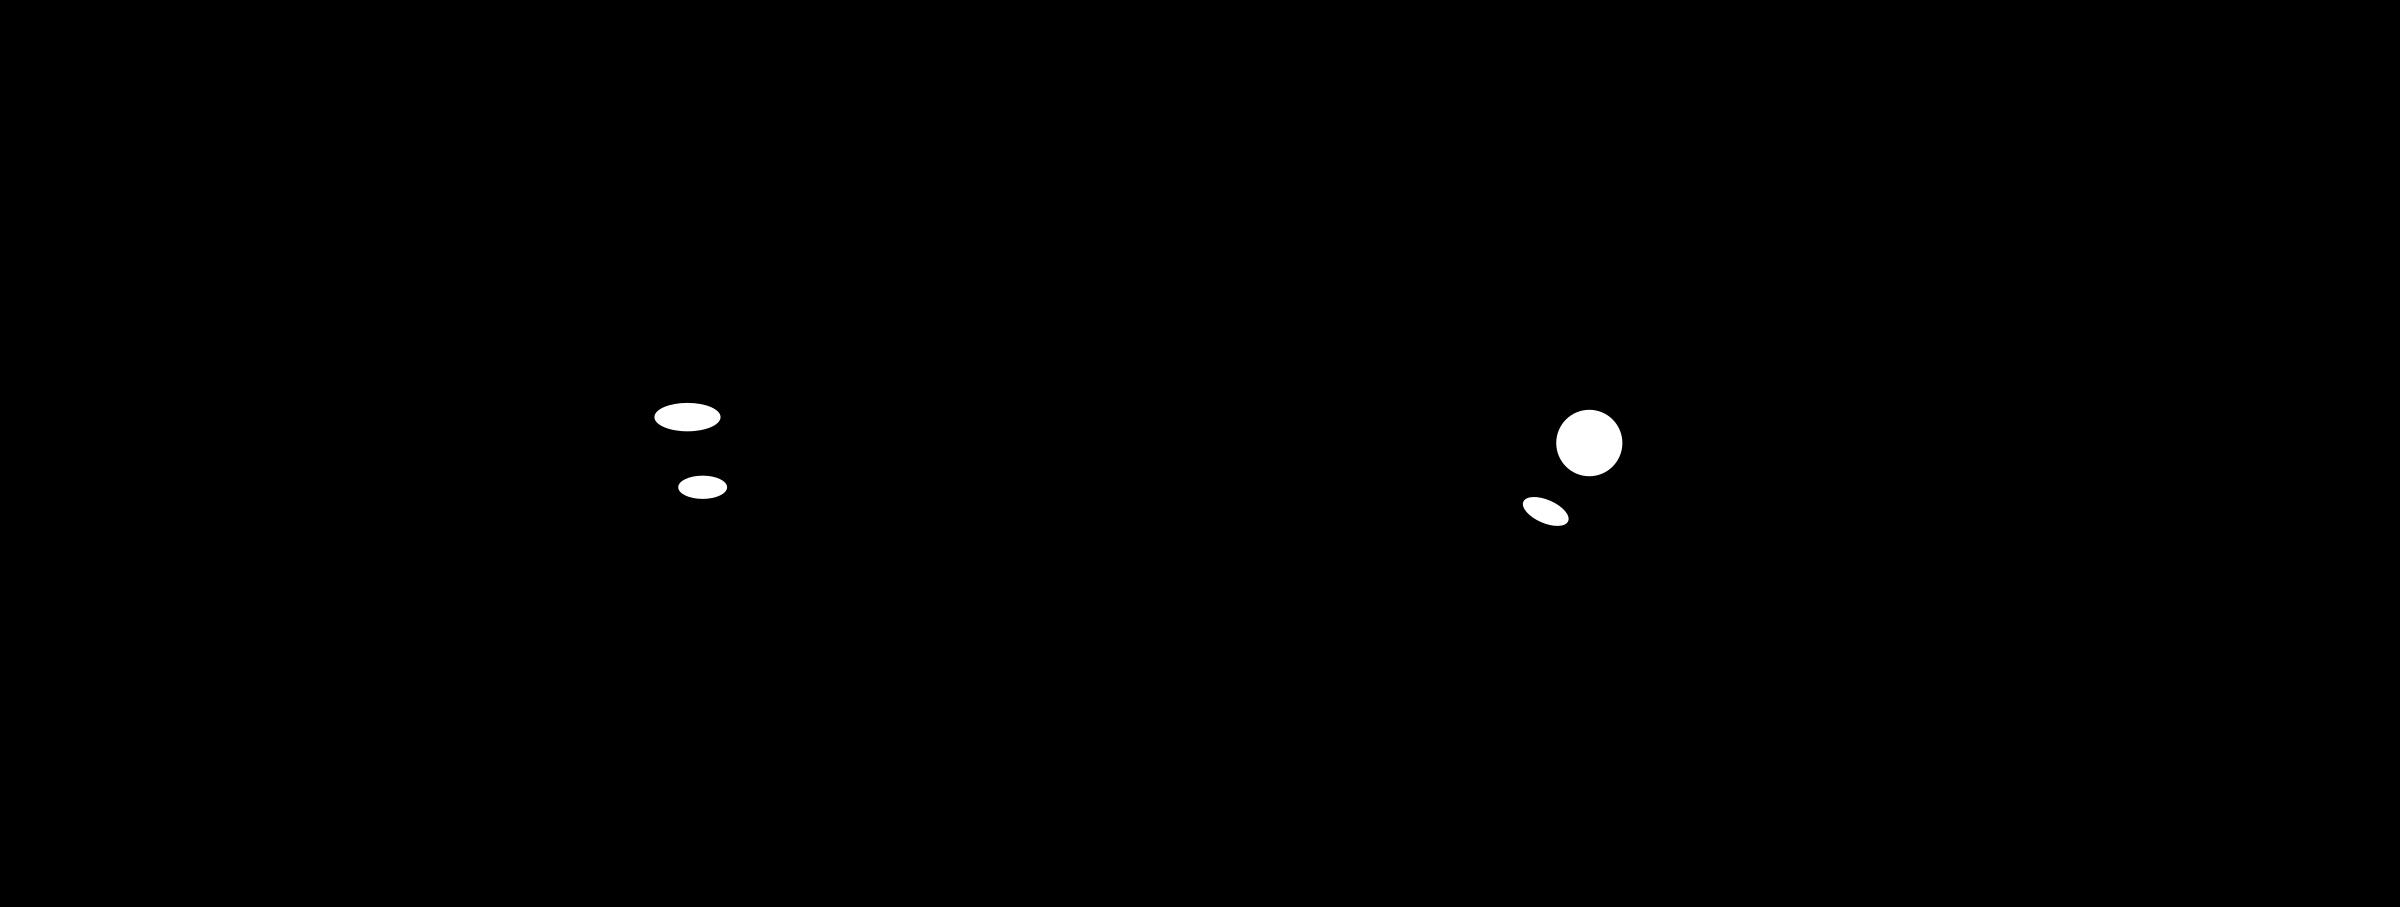 Eyeballs logo